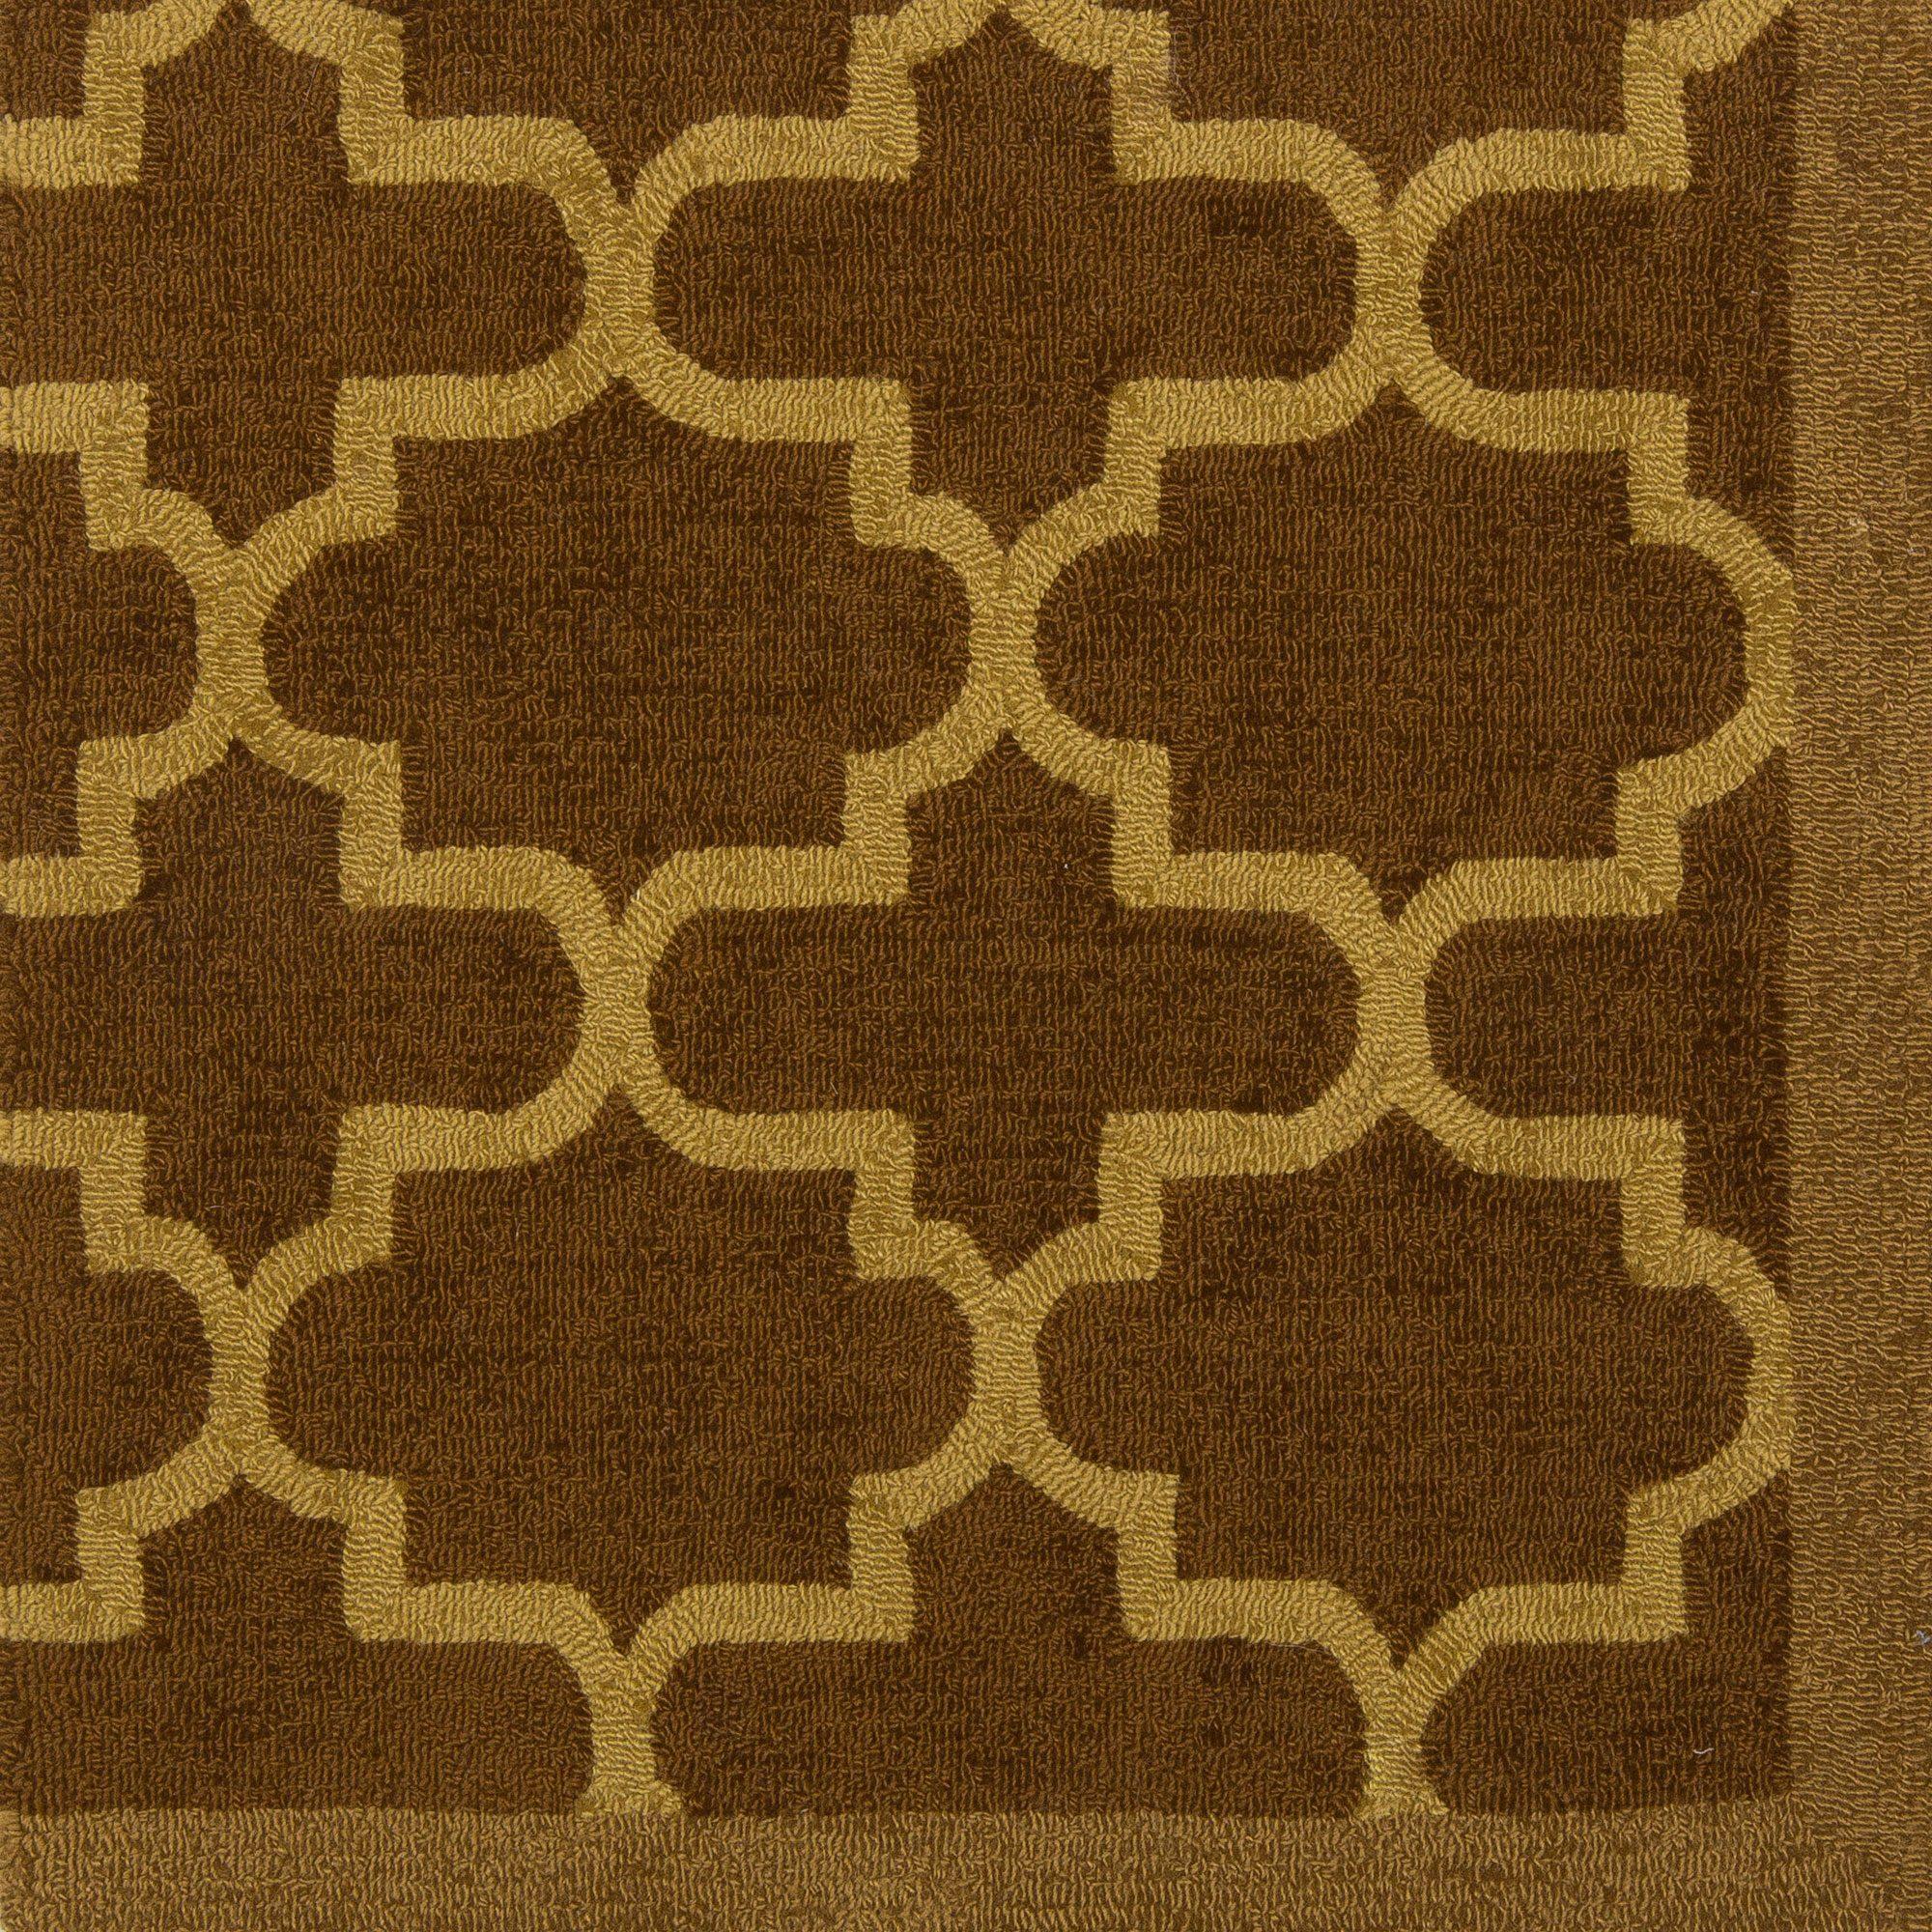 Custom Rug – Golden Clover S19398